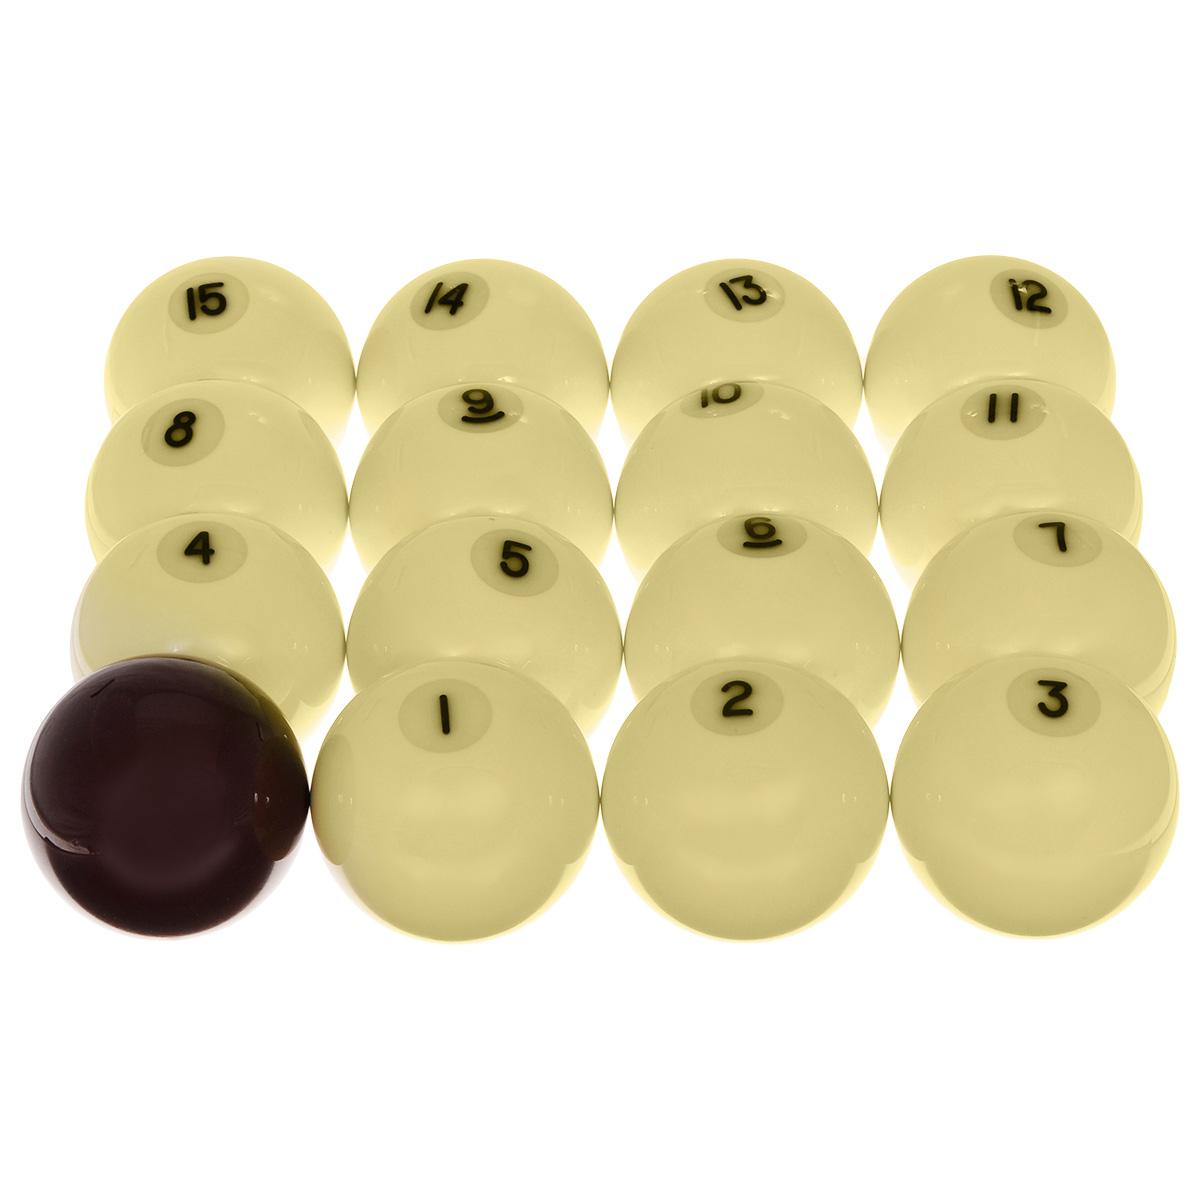 Шары бильярдные Aramith Premier Pyramid, бордовый биток, 60,3 мм00006Premier Pyramid 60,3 мм - вариант высококачественных шаров Aramith для русской пирамиды уменьшенного диаметра, для использования на домашних и клубных бильярдных столах малого формата (длиной стола обычно не более 9 ft). Гарантированные без полиэстера, настоящие феноло-альдегидные шары обладают всеми свойствами, которые ожидает требовательный игрок. Постоянная плотность и равновесие обеспечивают четкий контроль скорости, вращения и точность отскока шара. Специально разработанная технология придает утонченный металлический оттенок и новый новаторский взгляд этим изящным шарам. Описание комплекта: Шаров в комплекте: 16. Вид бильярда: русская пирамида. Цвет битка: бордовый.